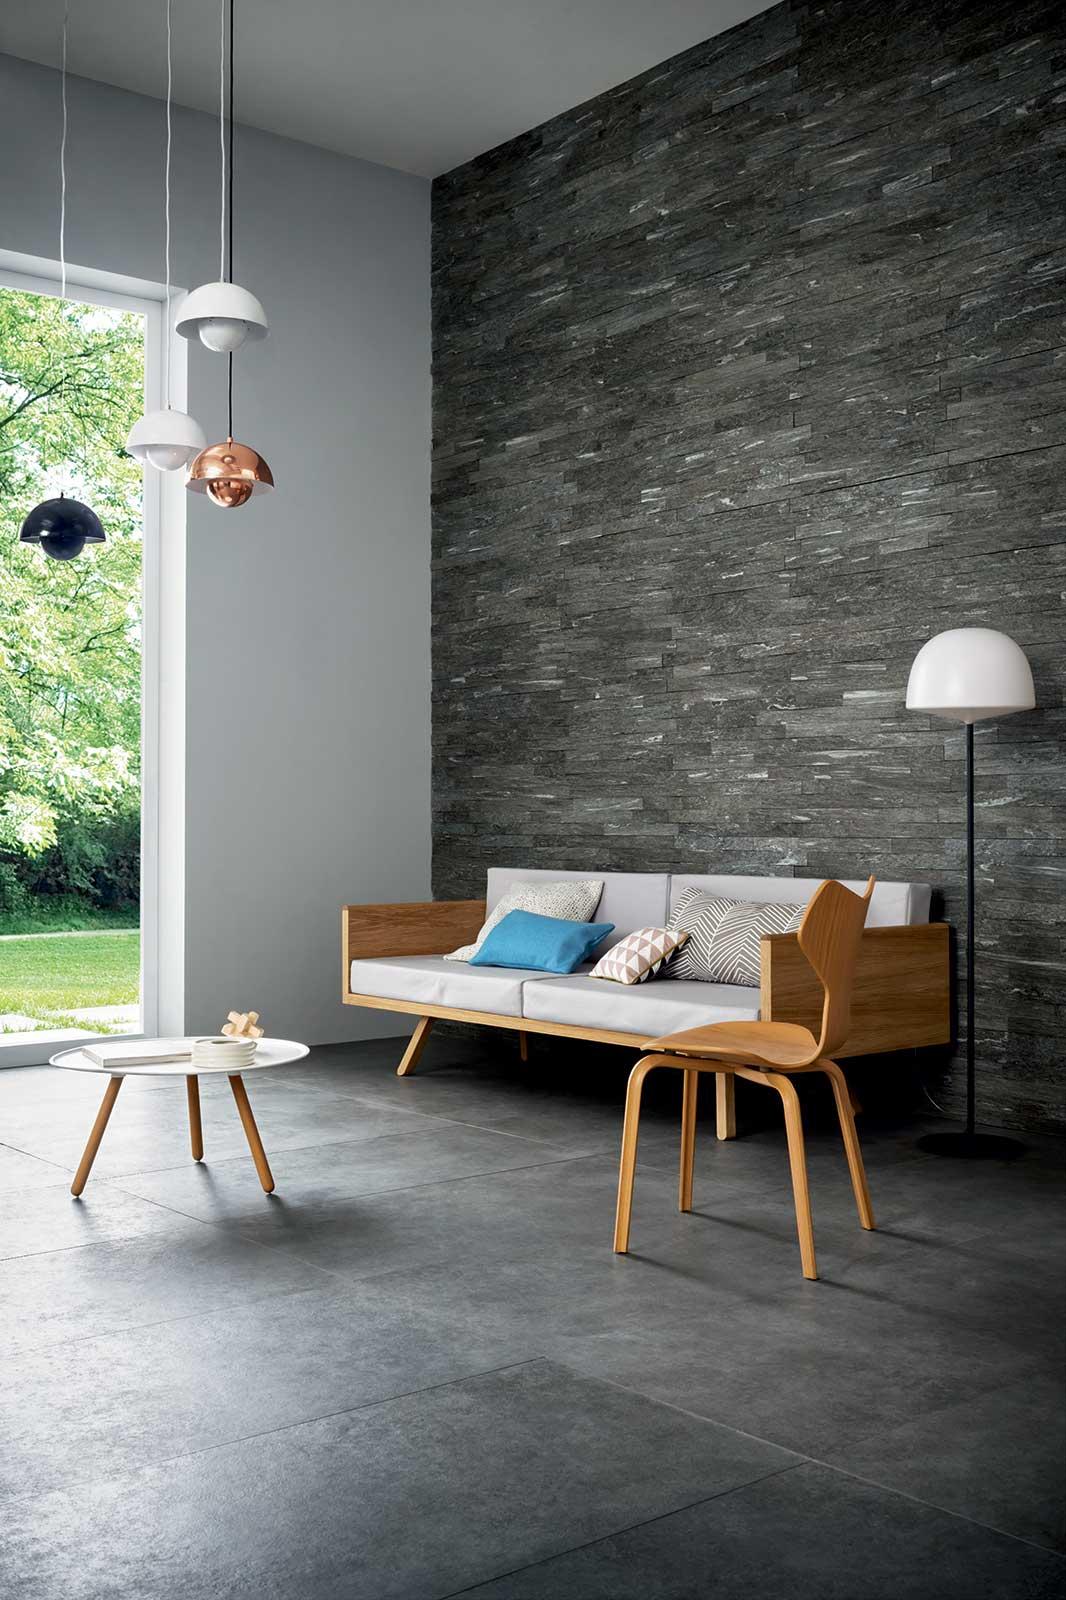 Mystone silverstone gres effetto pietra marazzi for Piastrelle per salone